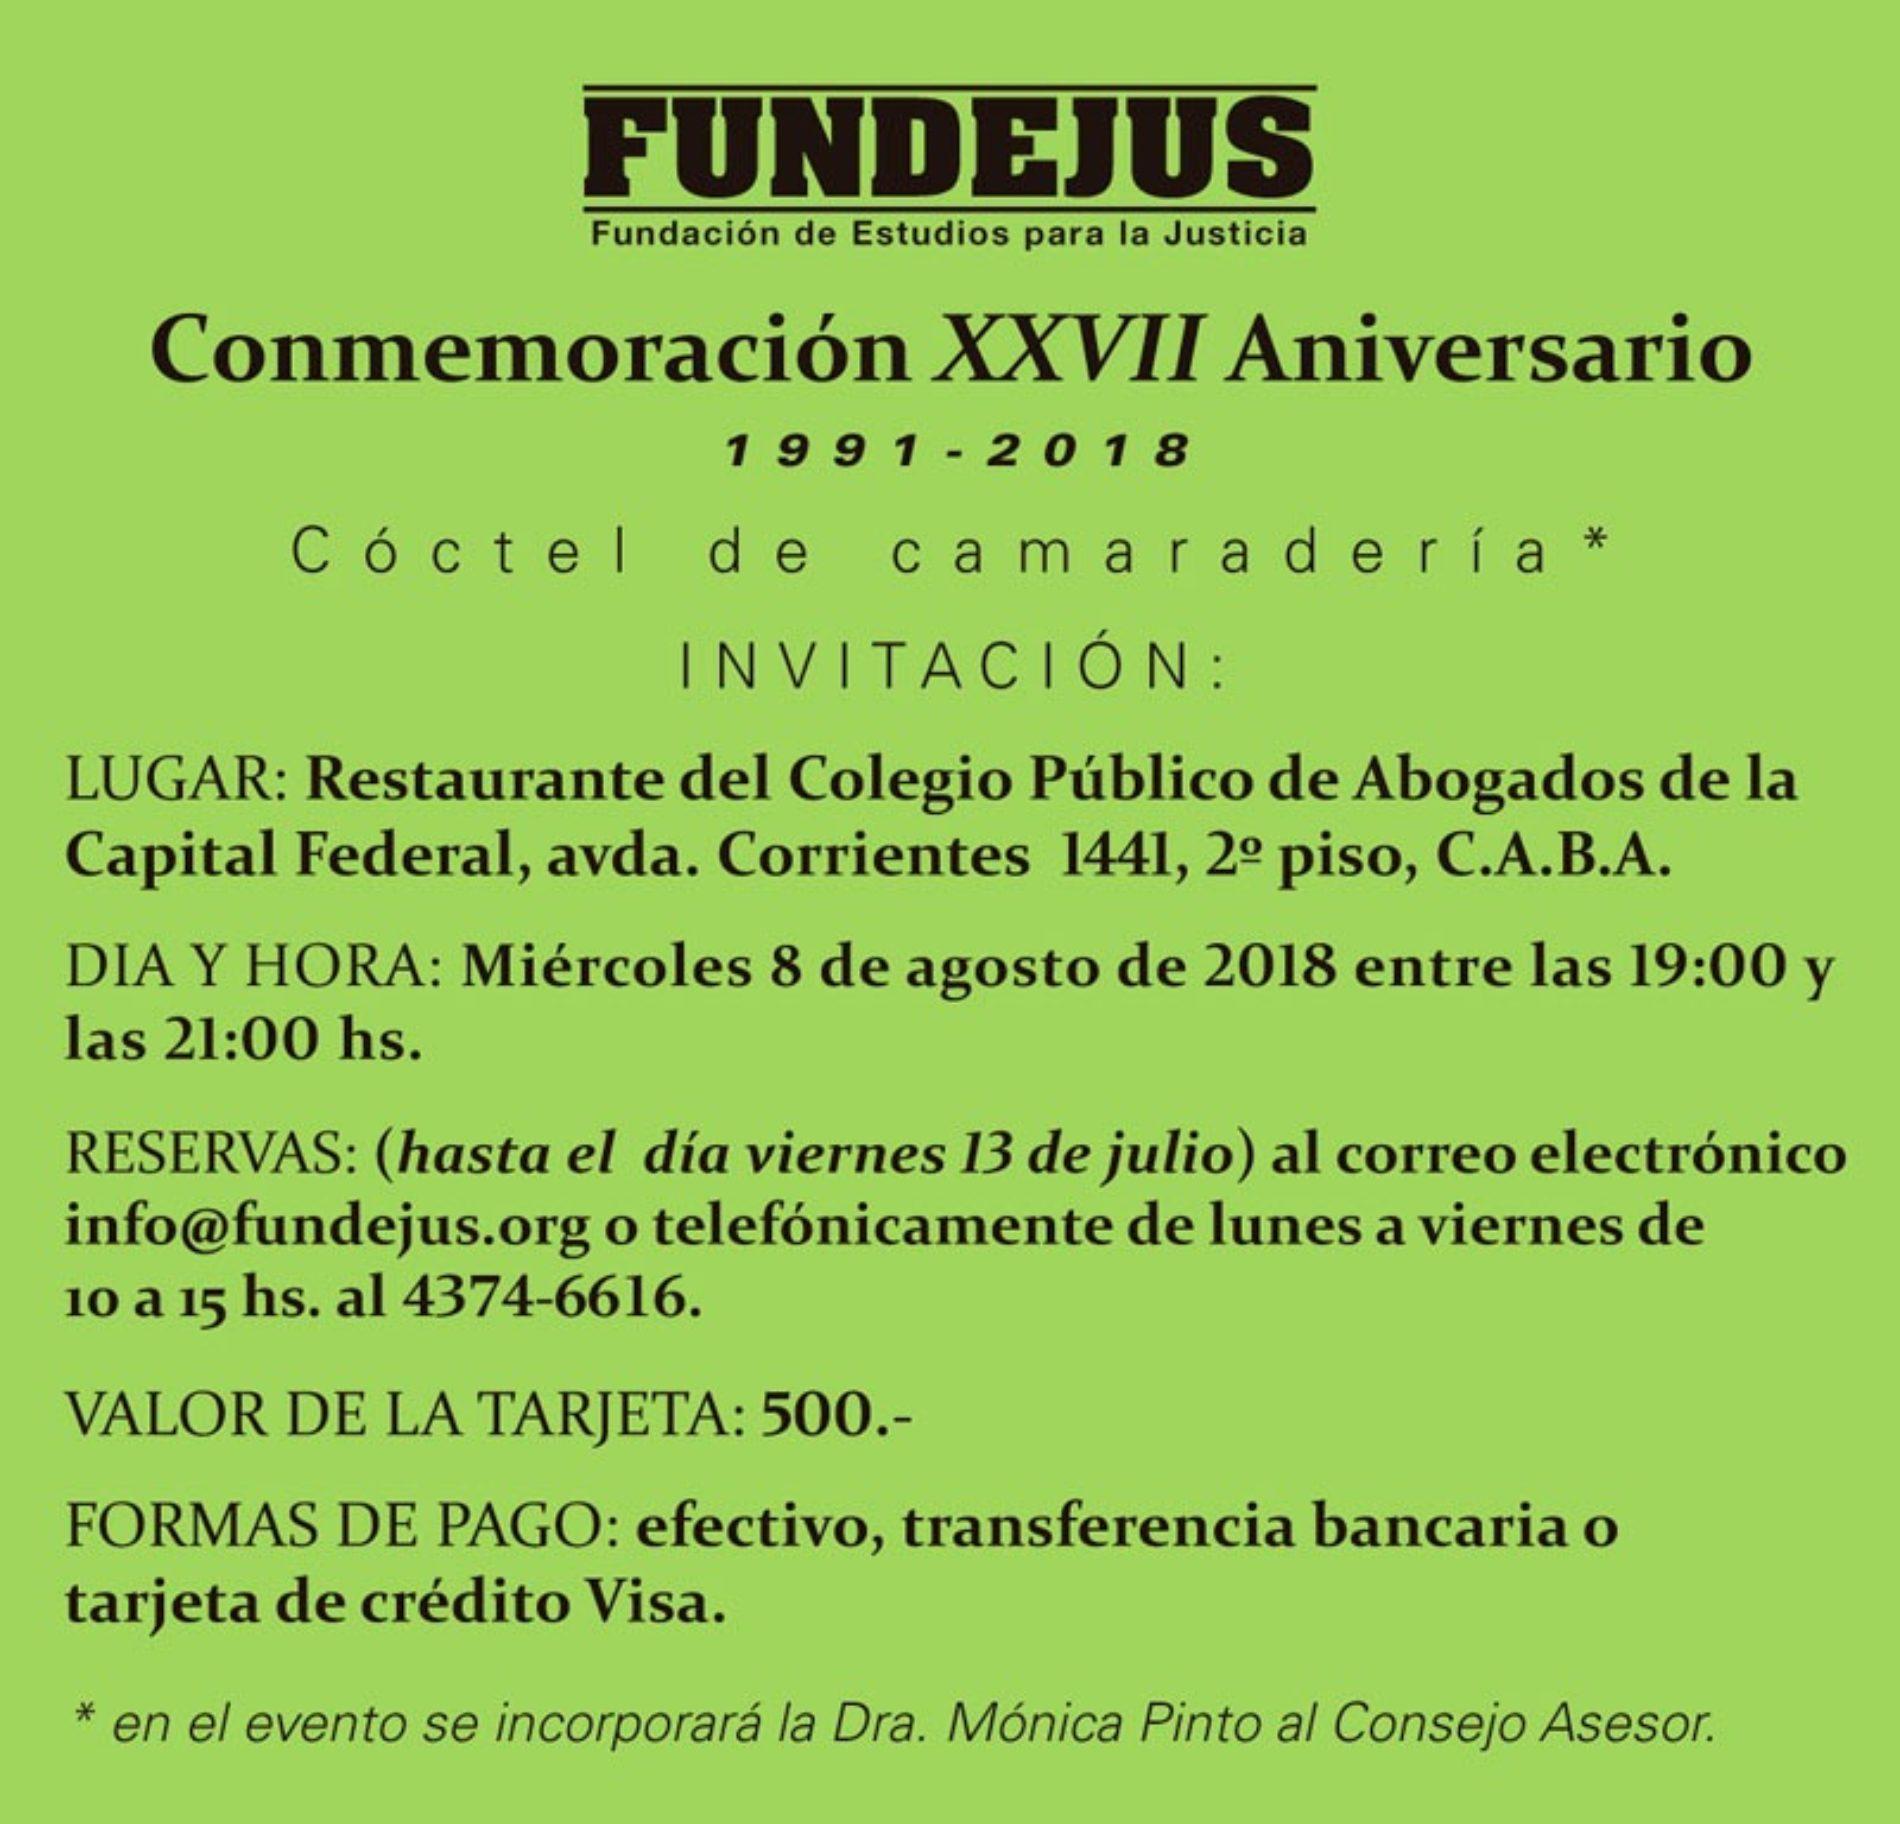 «Conmemoración XXVII Aniversario de Fundejus». 1991-2018.-